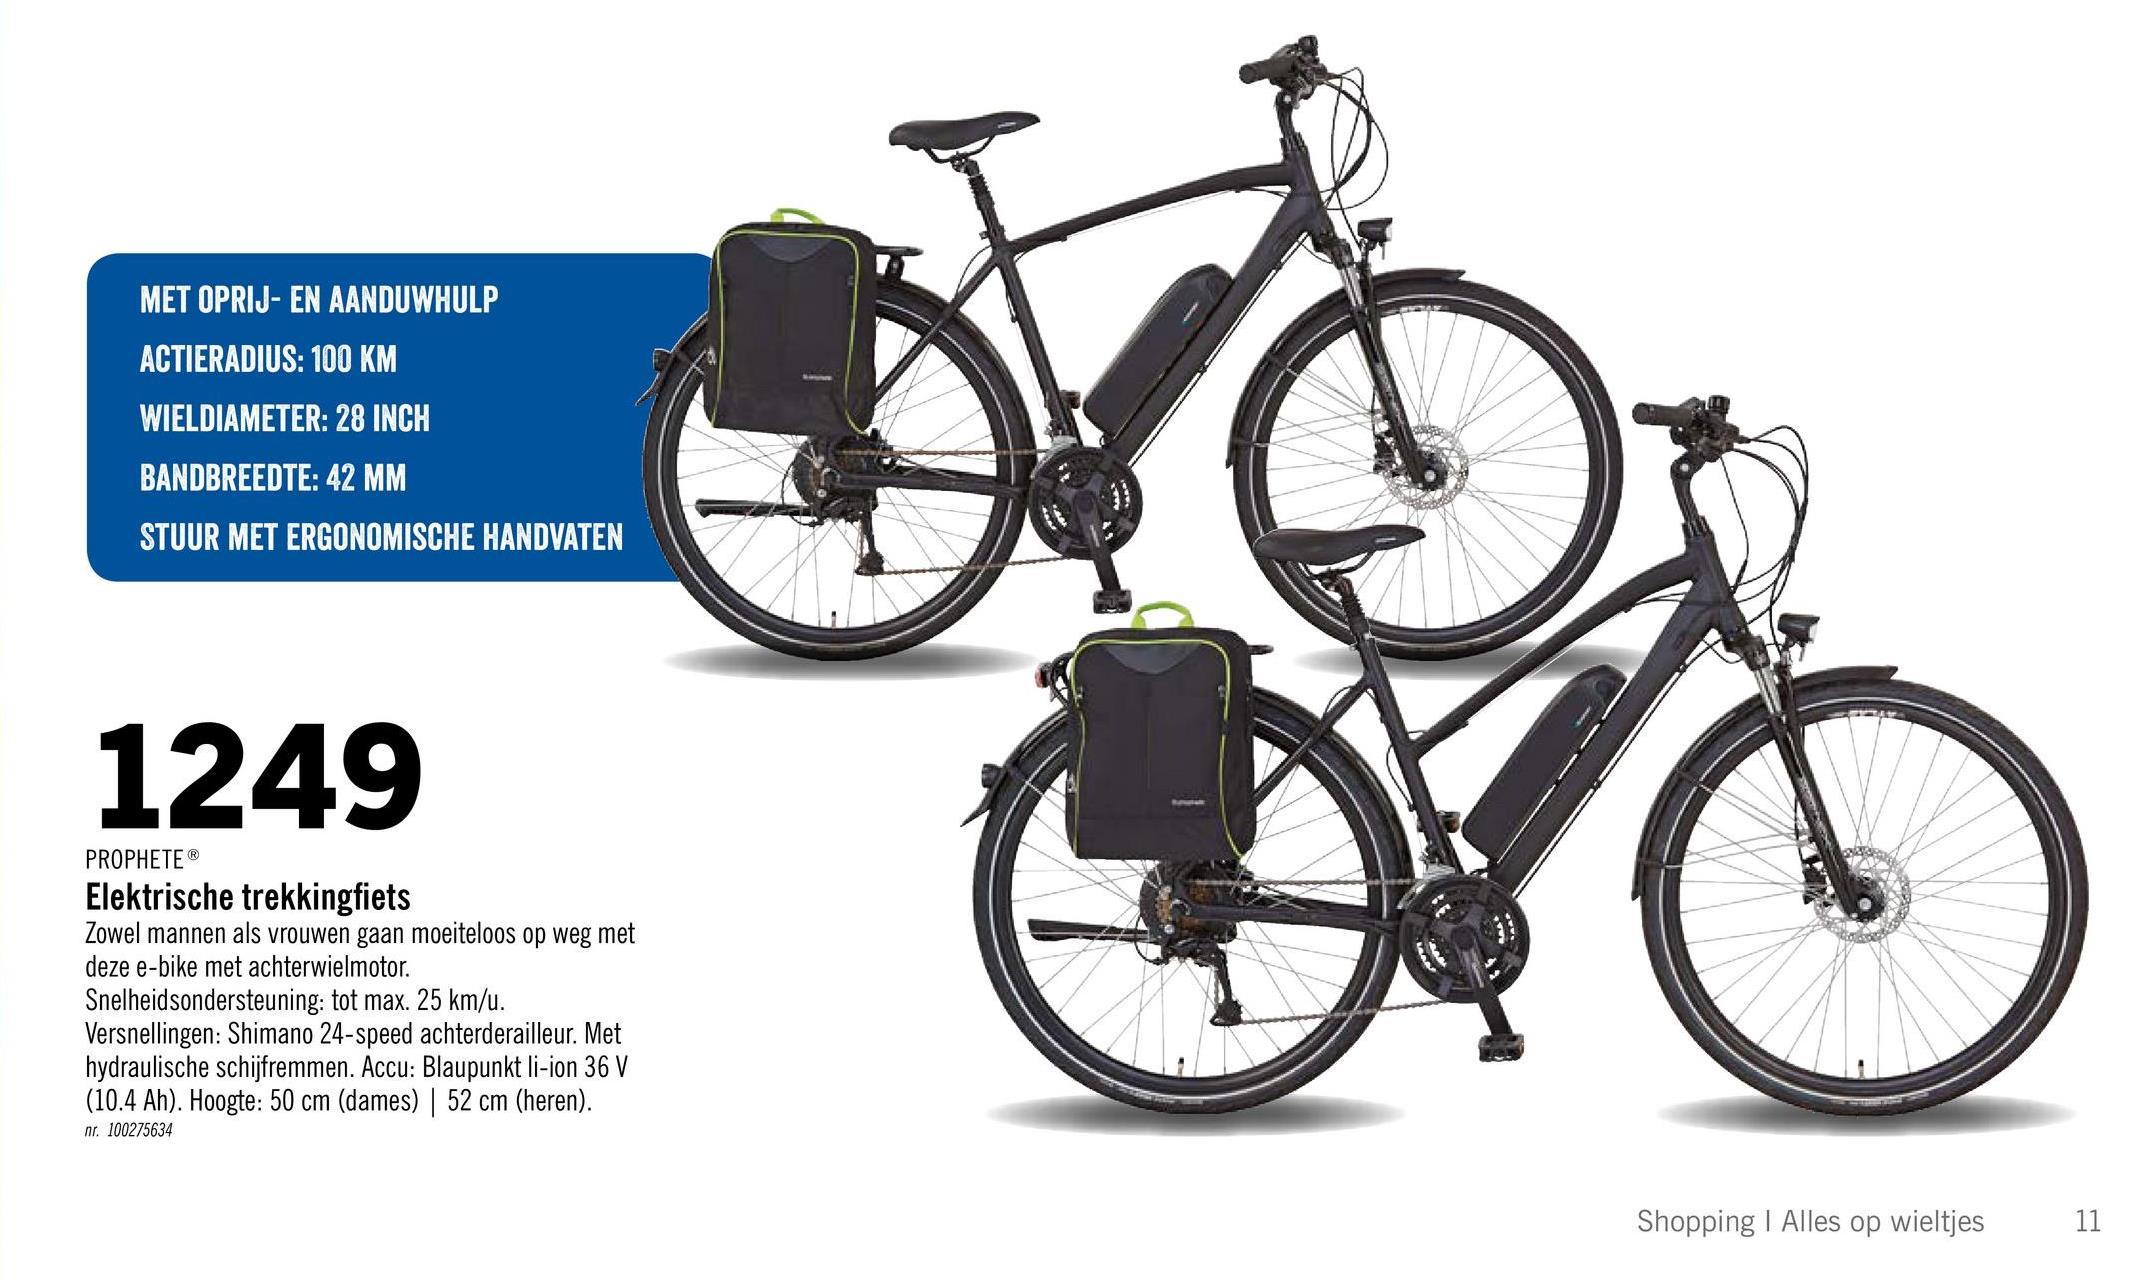 MET OPRIJ- EN AANDUWHULP ACTIERADIUS: 100 KM WIELDIAMETER: 28 INCH BANDBREEDTE: 42 MM STUUR MET ERGONOMISCHE HANDVATEN 1249 PROPHETEⓇ Elektrische trekkingfiets Zowel mannen als vrouwen gaan moeiteloos op weg met deze e-bike met achterwielmotor. Snelheidsondersteuning: tot max. 25 km/u. Versnellingen: Shimano 24-speed achterderailleur. Met hydraulische schijfremmen. Accu: Blaupunkt li-ion 36 V (10.4 Ah). Hoogte: 50 cm (dames) | 52 cm (heren). nr. 100275634 Shopping | Alles op wieltjes 11